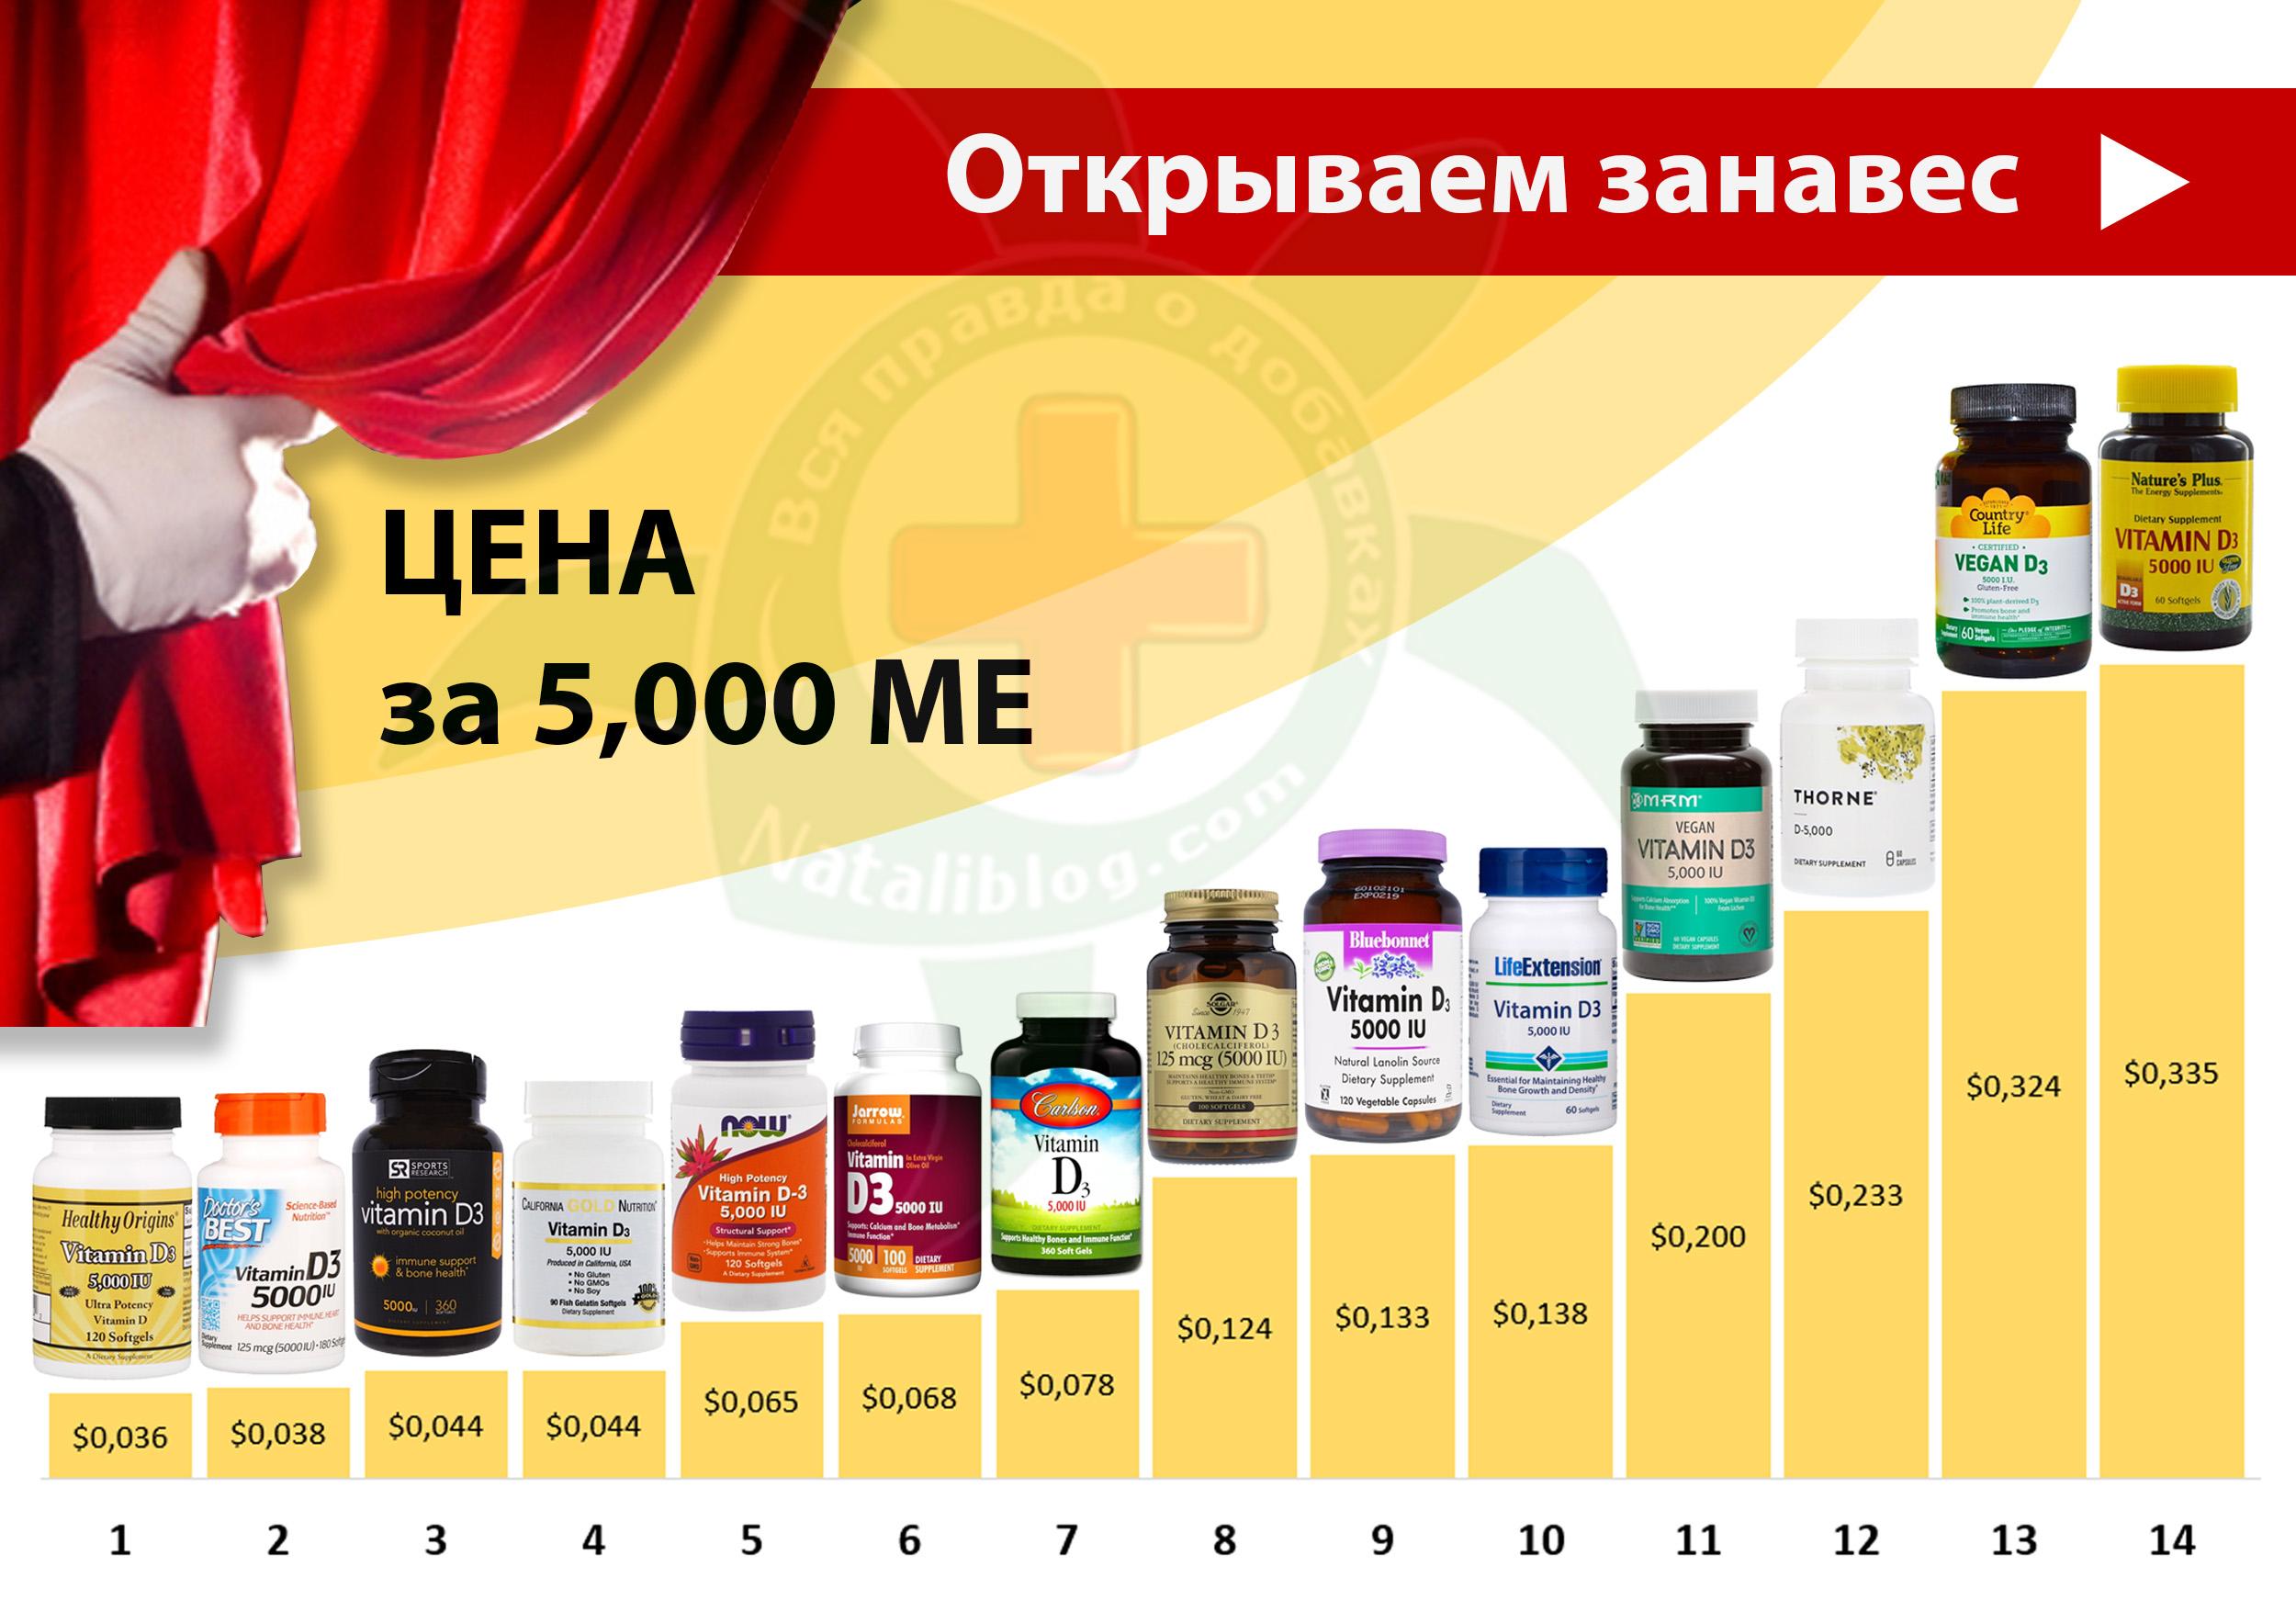 на Сайт - Витамин D 5,000 ME